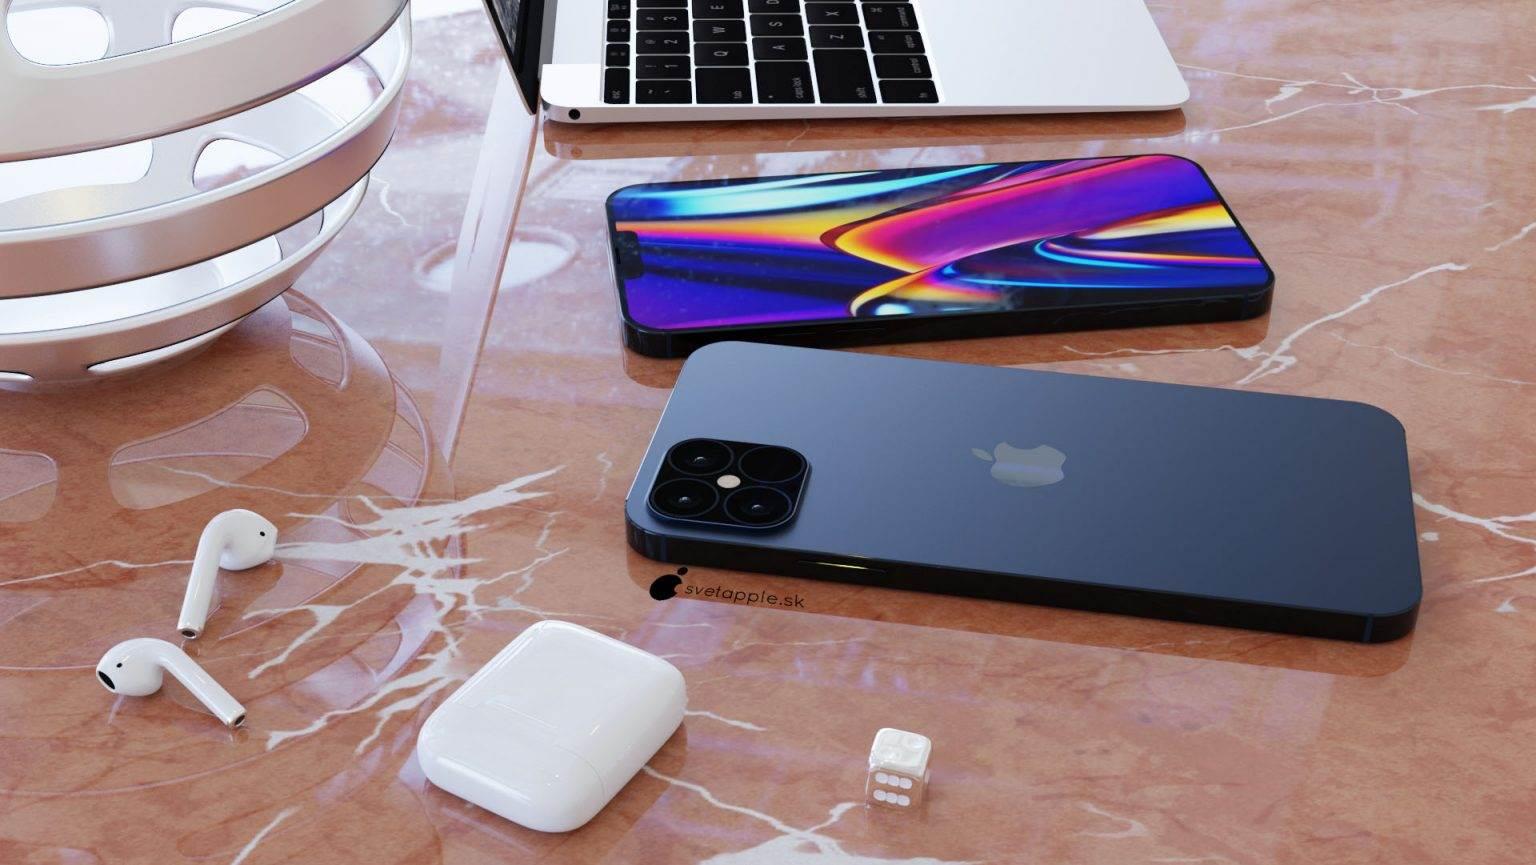 Granatowy kolor i design w stylu iPada Pro - zobacz nowe rendery iPhone 12 Pro polecane, ciekawostki wygląd iPhone 12 Pro, rendery, iPhone 12 Pro  Svetapple opublikował nowe rendery iPhone 12 Pro, które powstały na podstawie najnowszych przecieków. Urządzenie wygląda genialnie. Musicie koniecznie to zobaczyć. iPhone12Pro 2